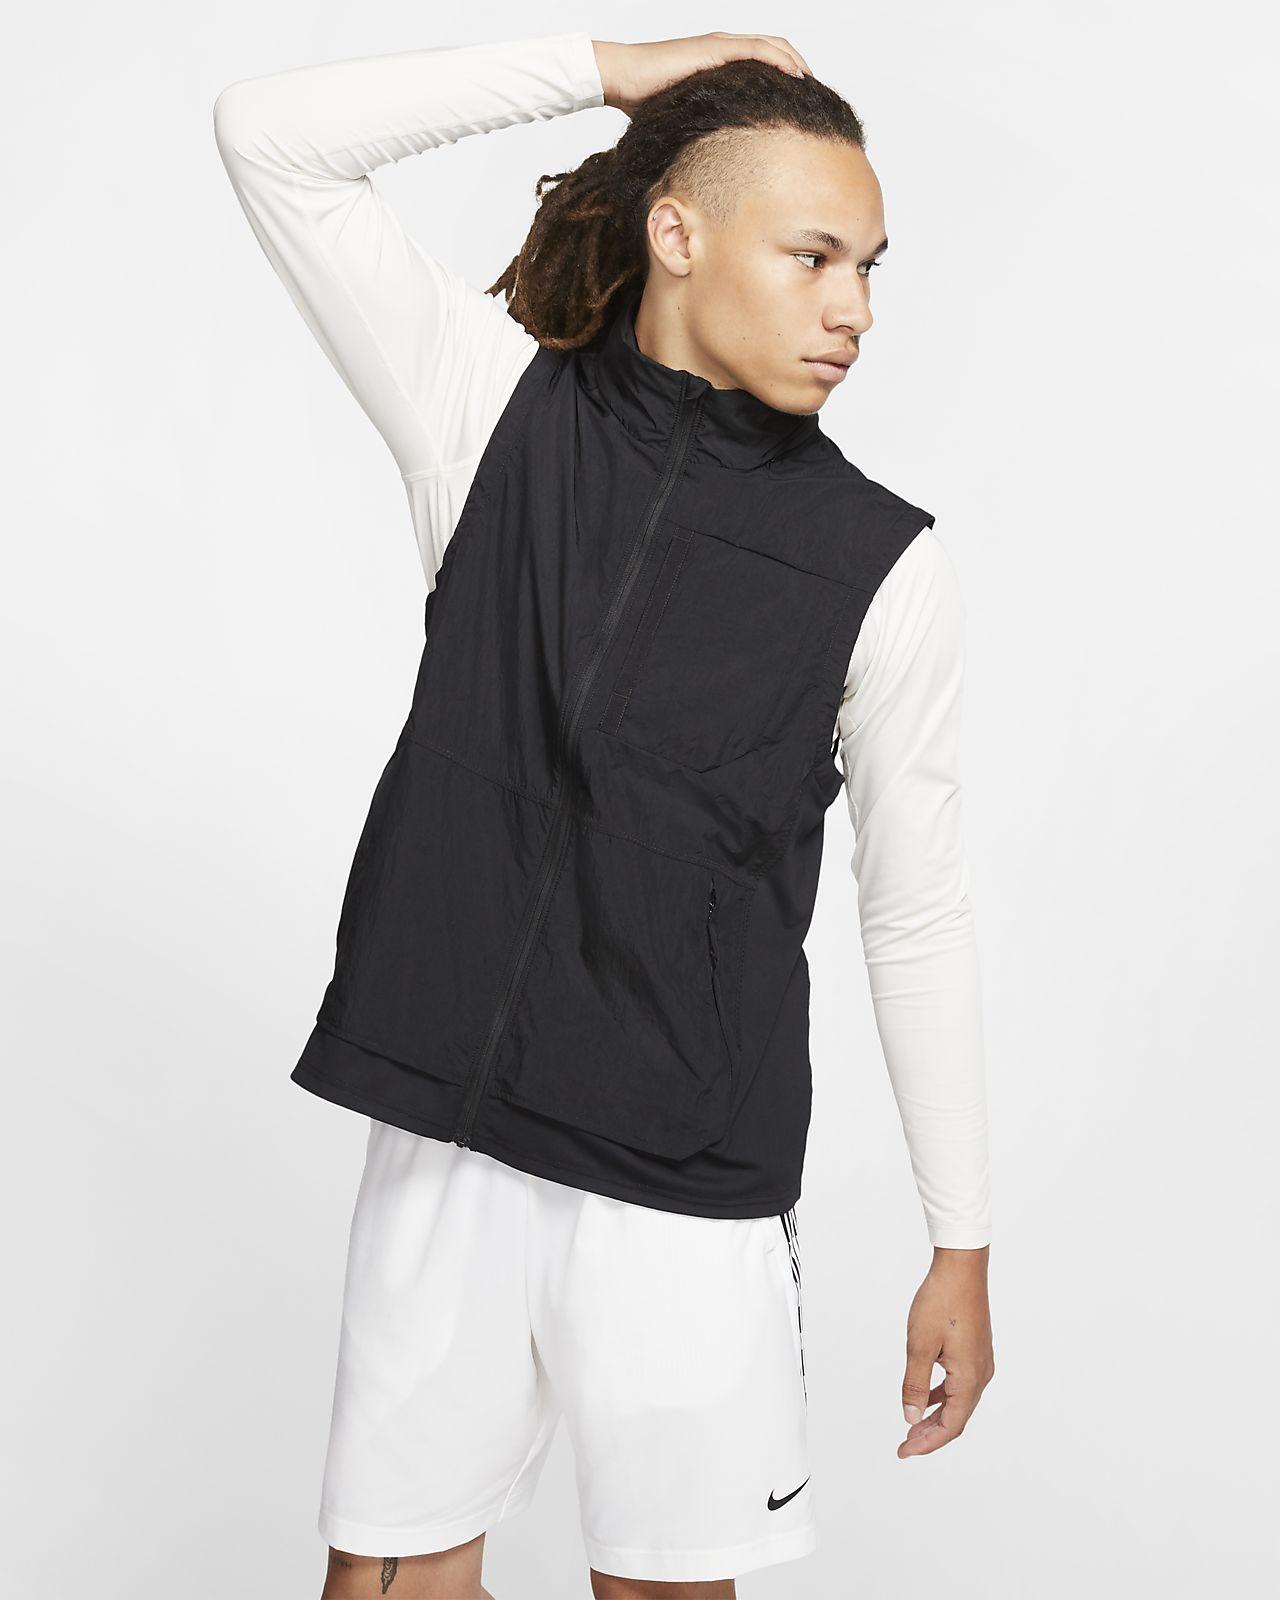 Nike Flex Trainingsweste mit Kapuze für Herren